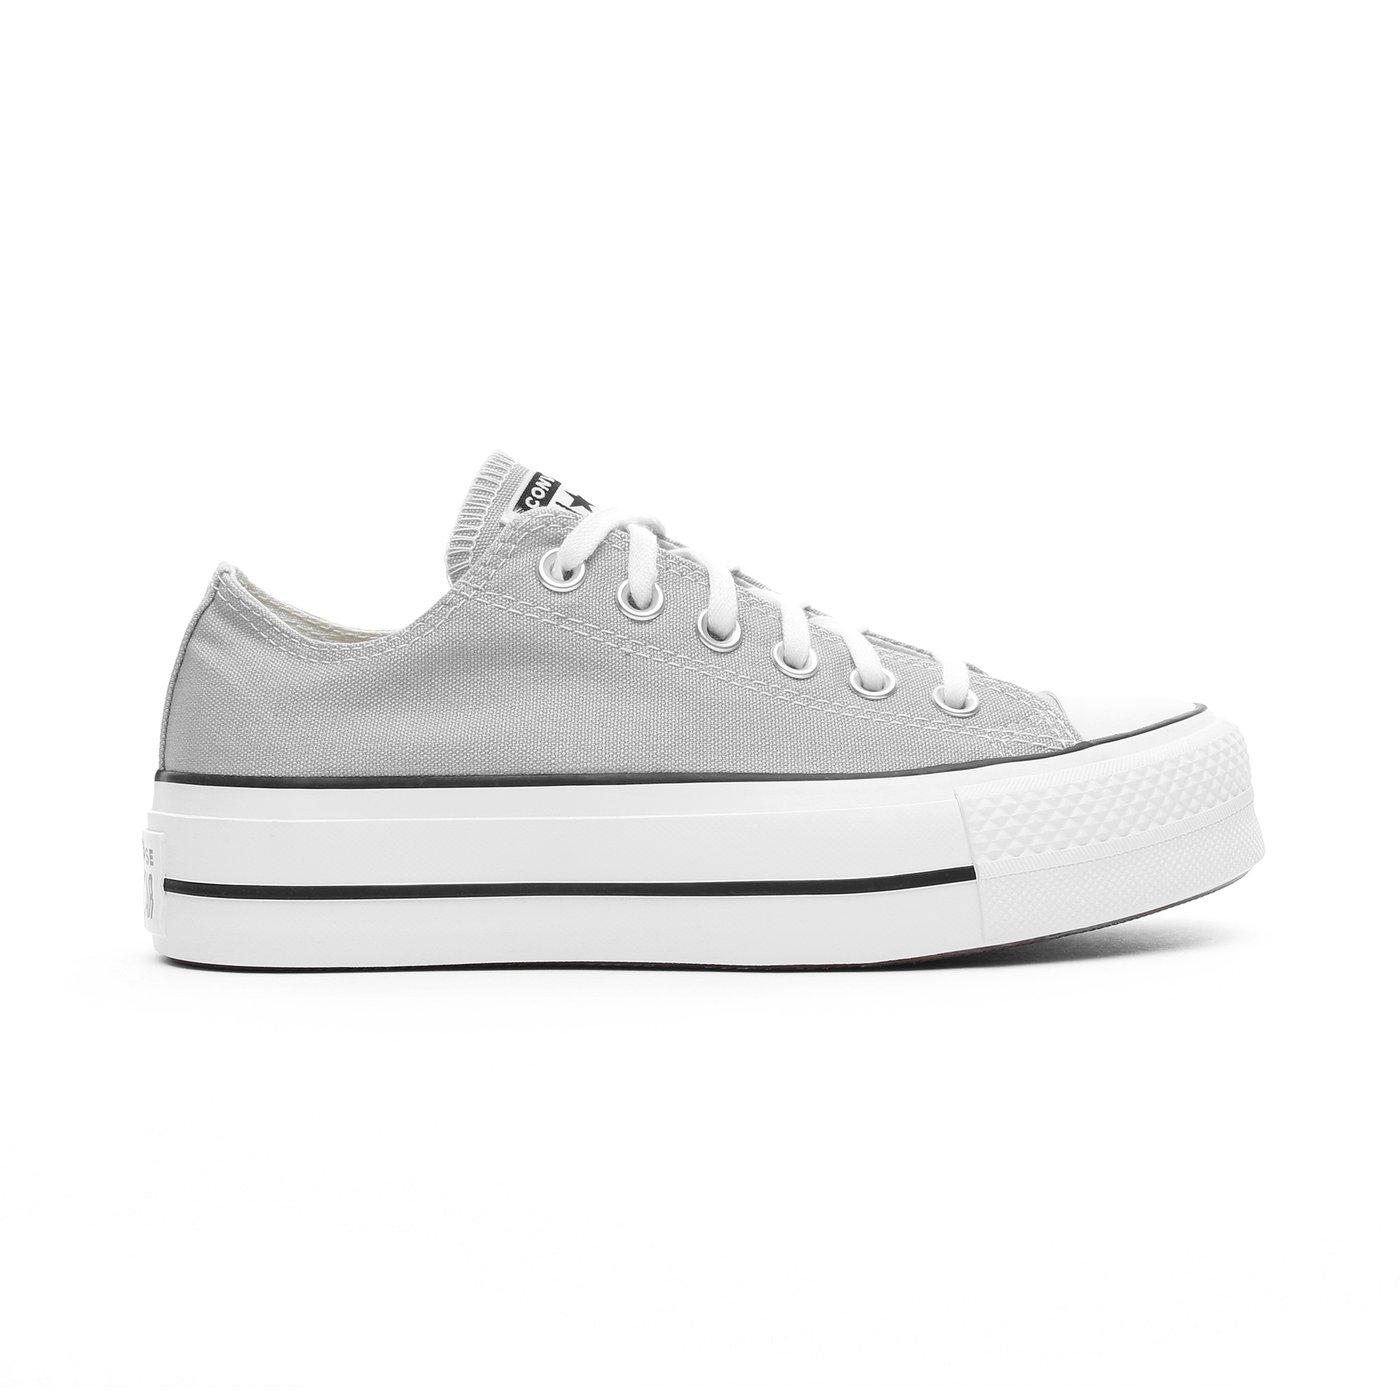 Converse Chuck Taylor All Star Lift Kadın Gri Sneaker